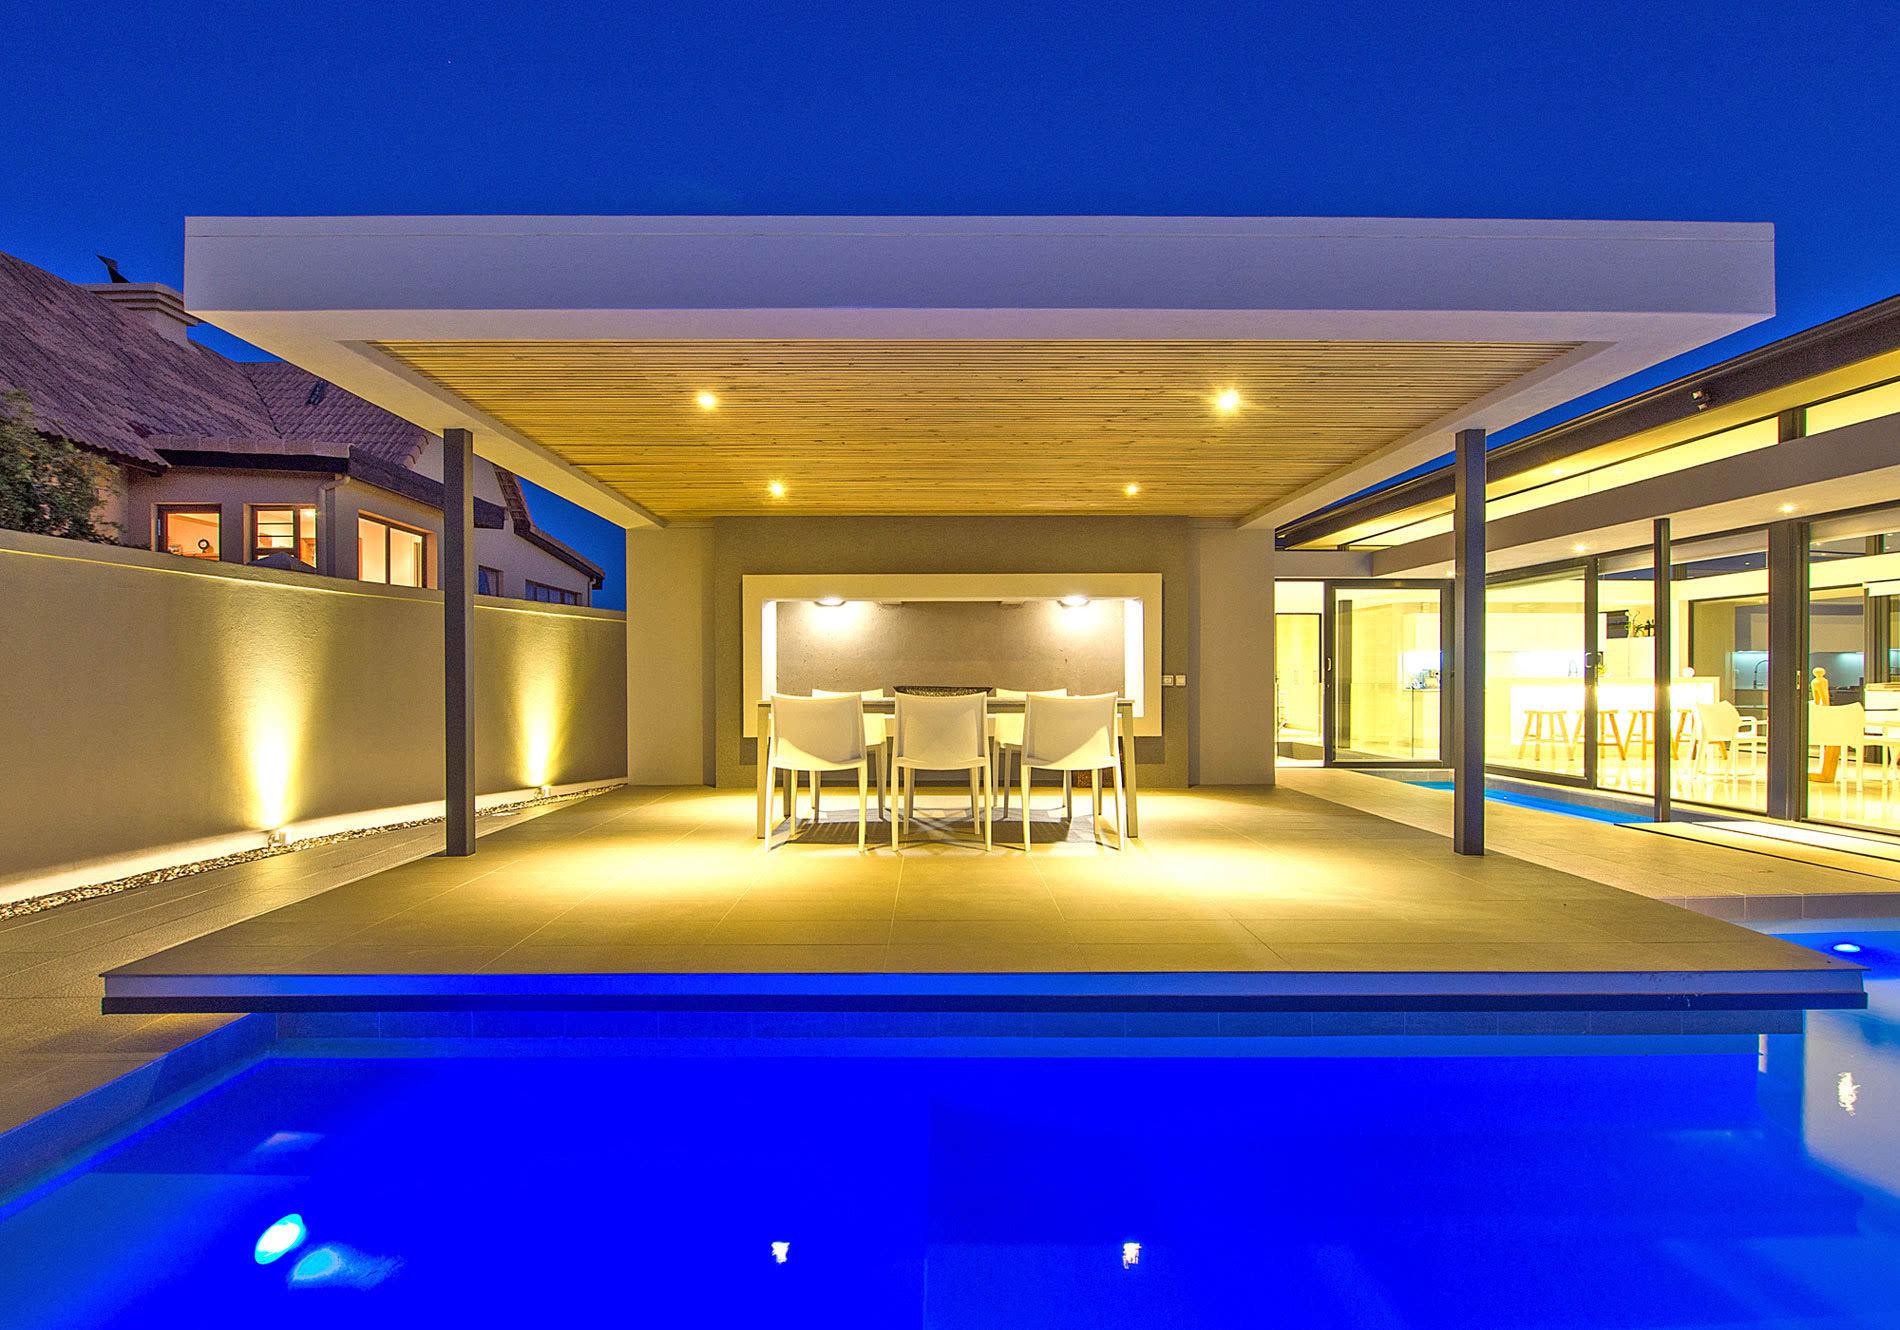 欧式别墅室内设计图片_灯光的盛宴